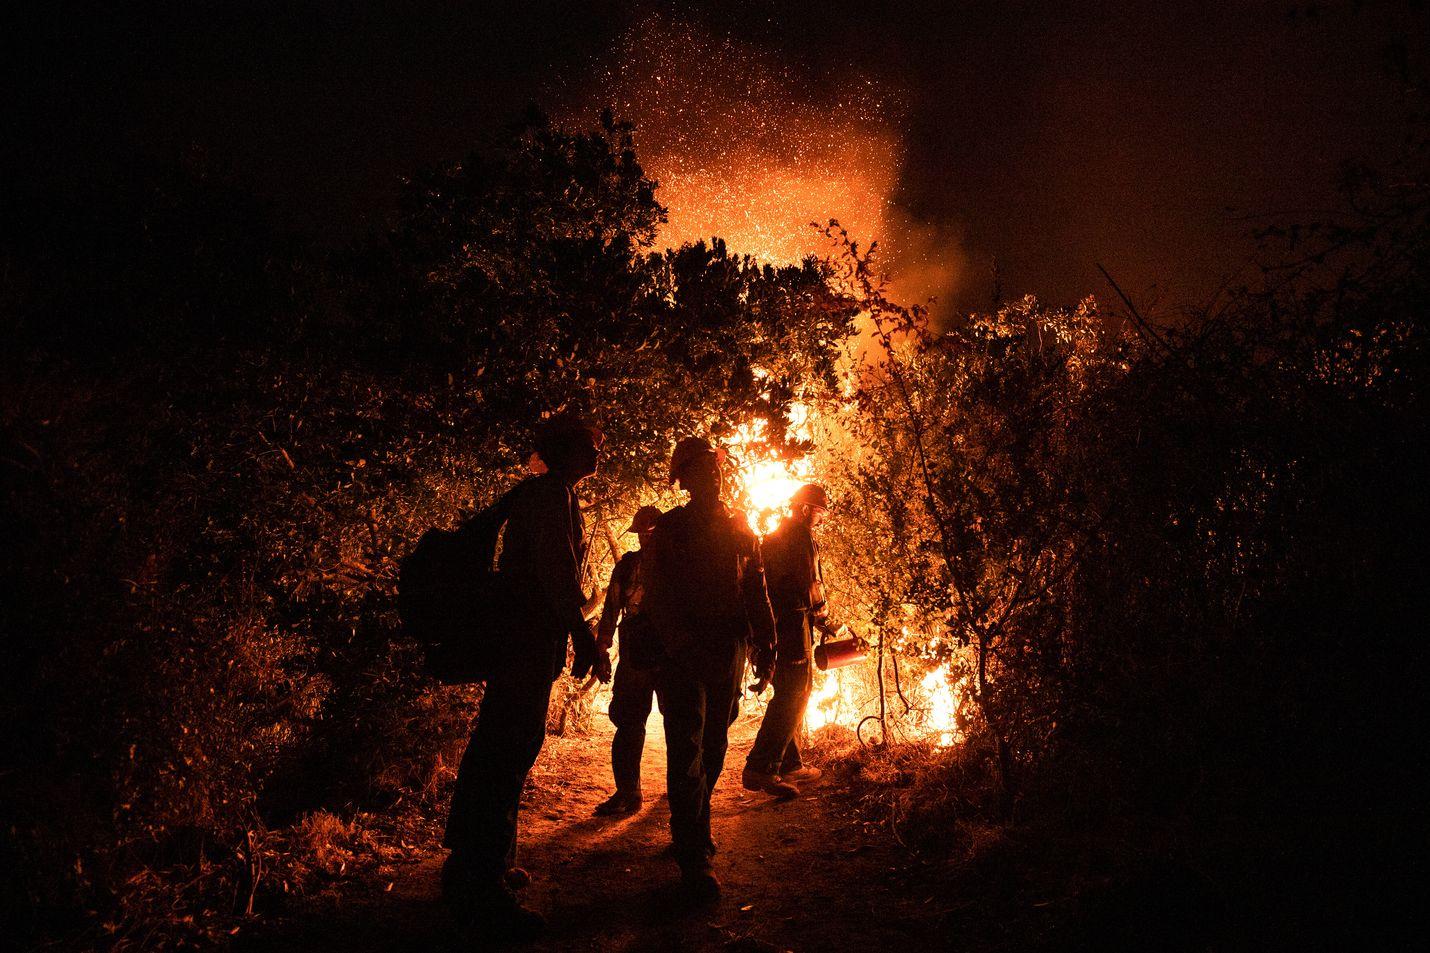 Pelastustyöntekijät sammuttivat maastopaloa lähellä Arcadian aluetta Kaliforniassa sunnuntaina 13. syyskuuta.